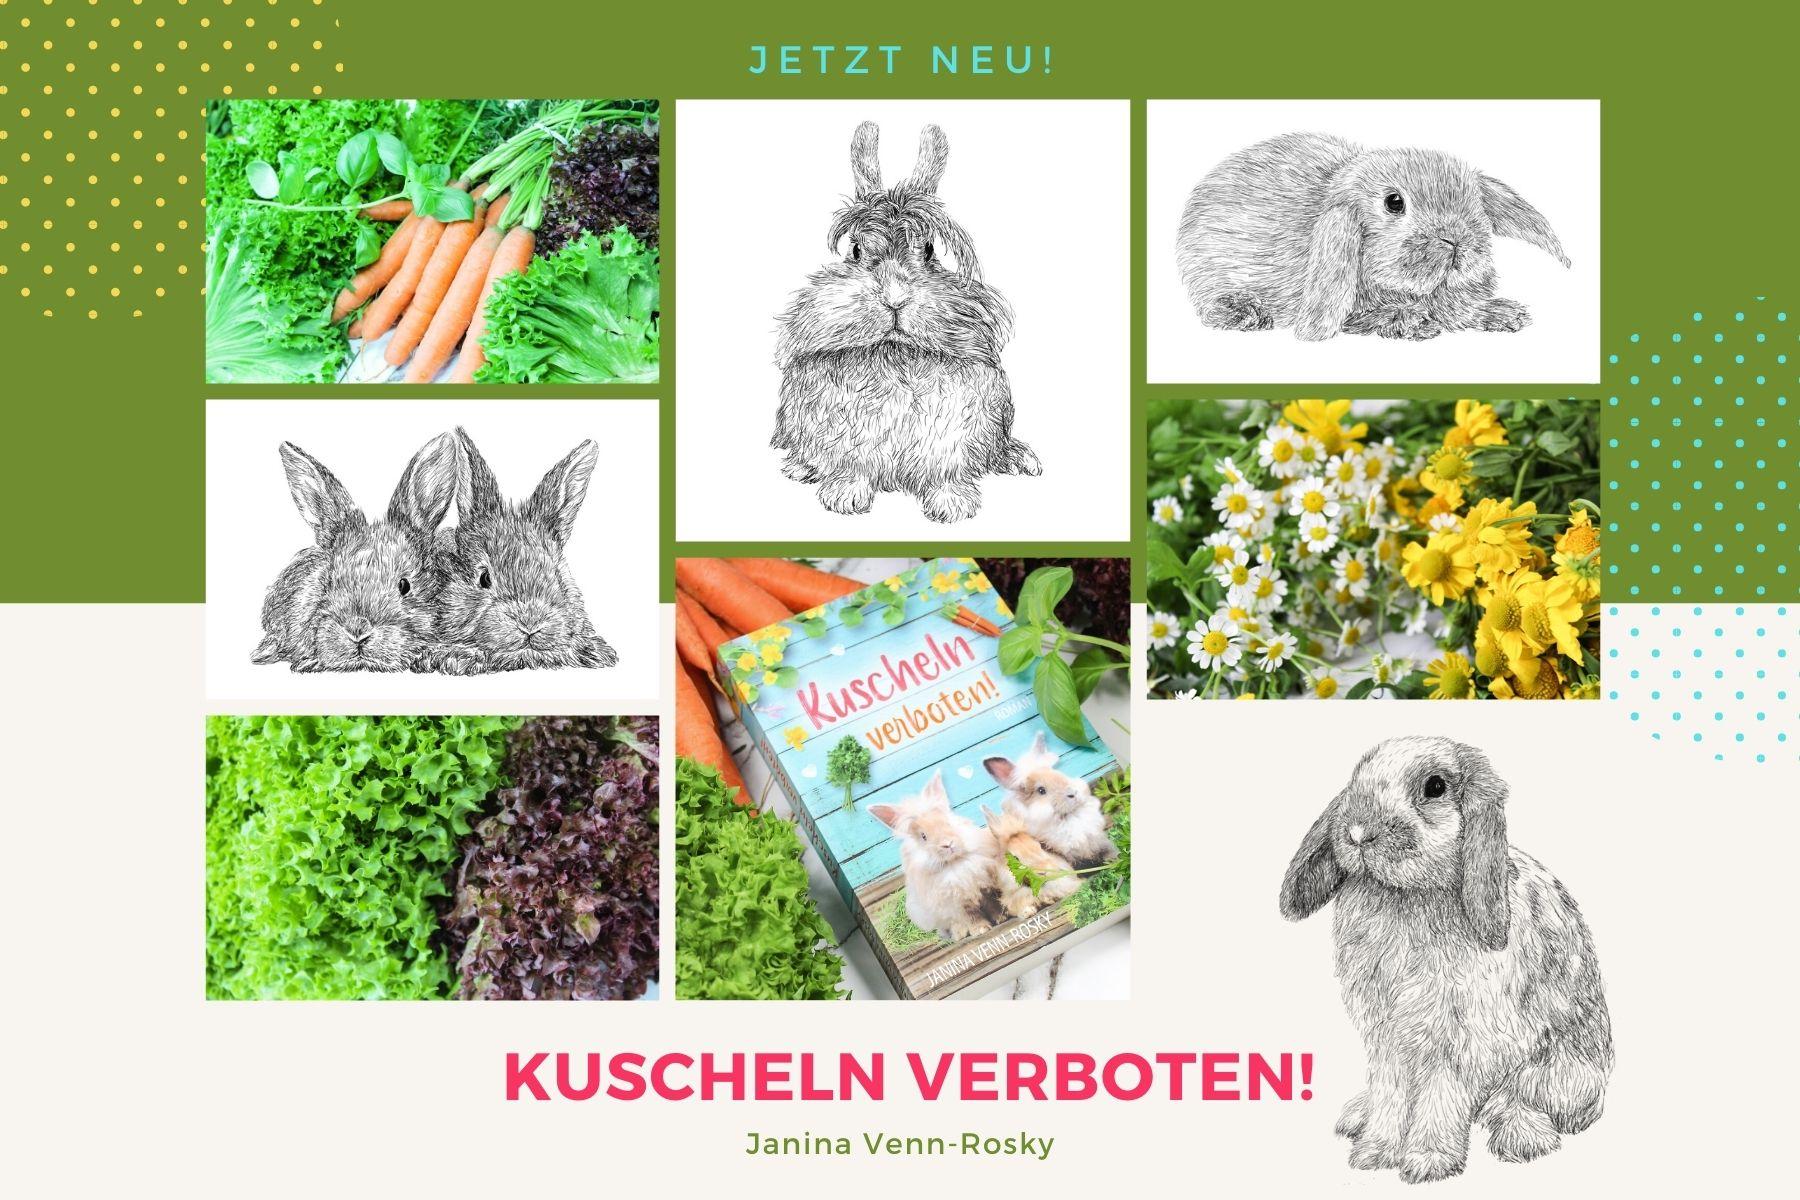 Kuscheln verboten! – der neue illustrierteRoman von Janina Venn-Rosky